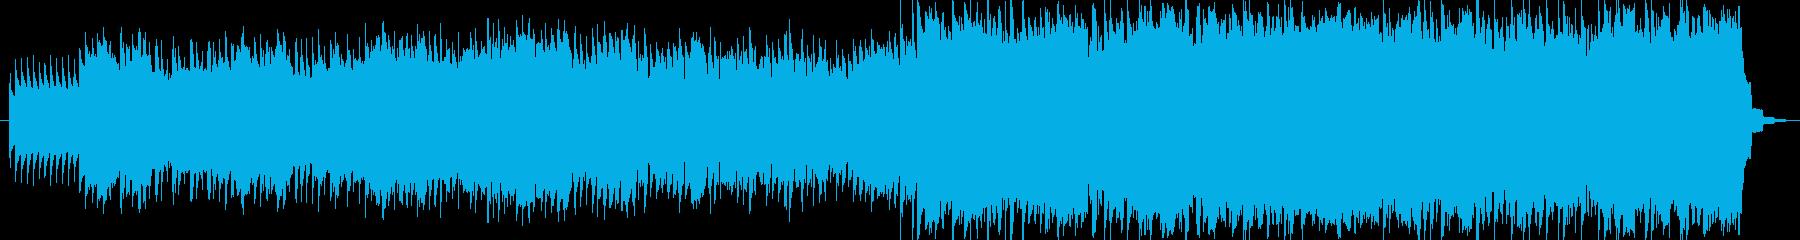 ほのぼのとした懐かしさのあるインストの再生済みの波形